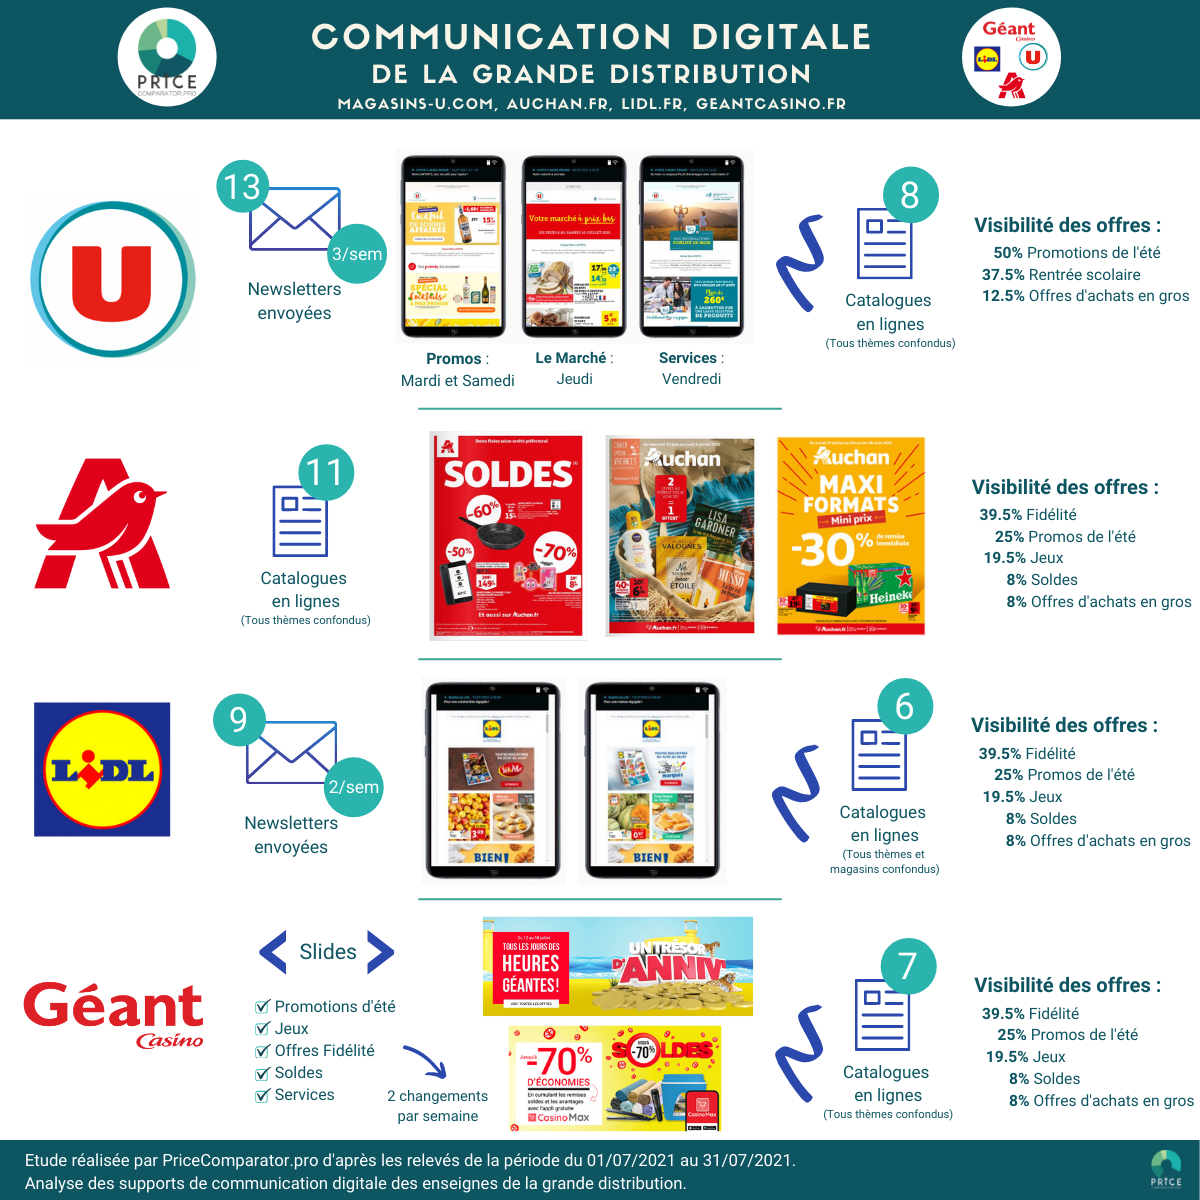 PriceComparator - Analyse des points forts de la communication digitale des enseignes de la grande distribution : Magasins U, Auchan, Lidl et Géant Casino (communication digitale de la grande distribution)